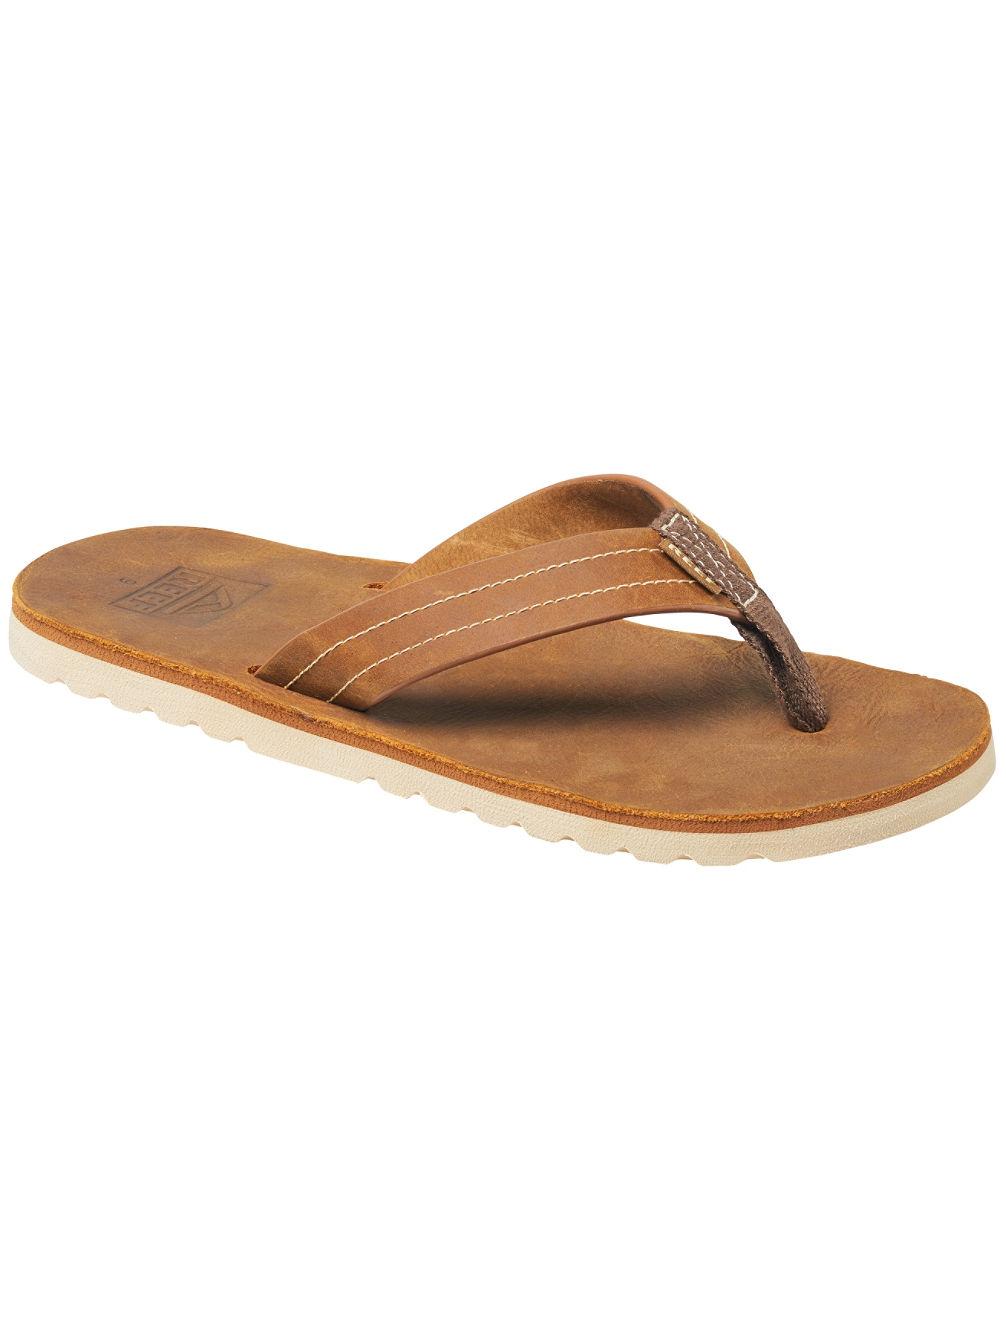 reef-voyage-le-sandals